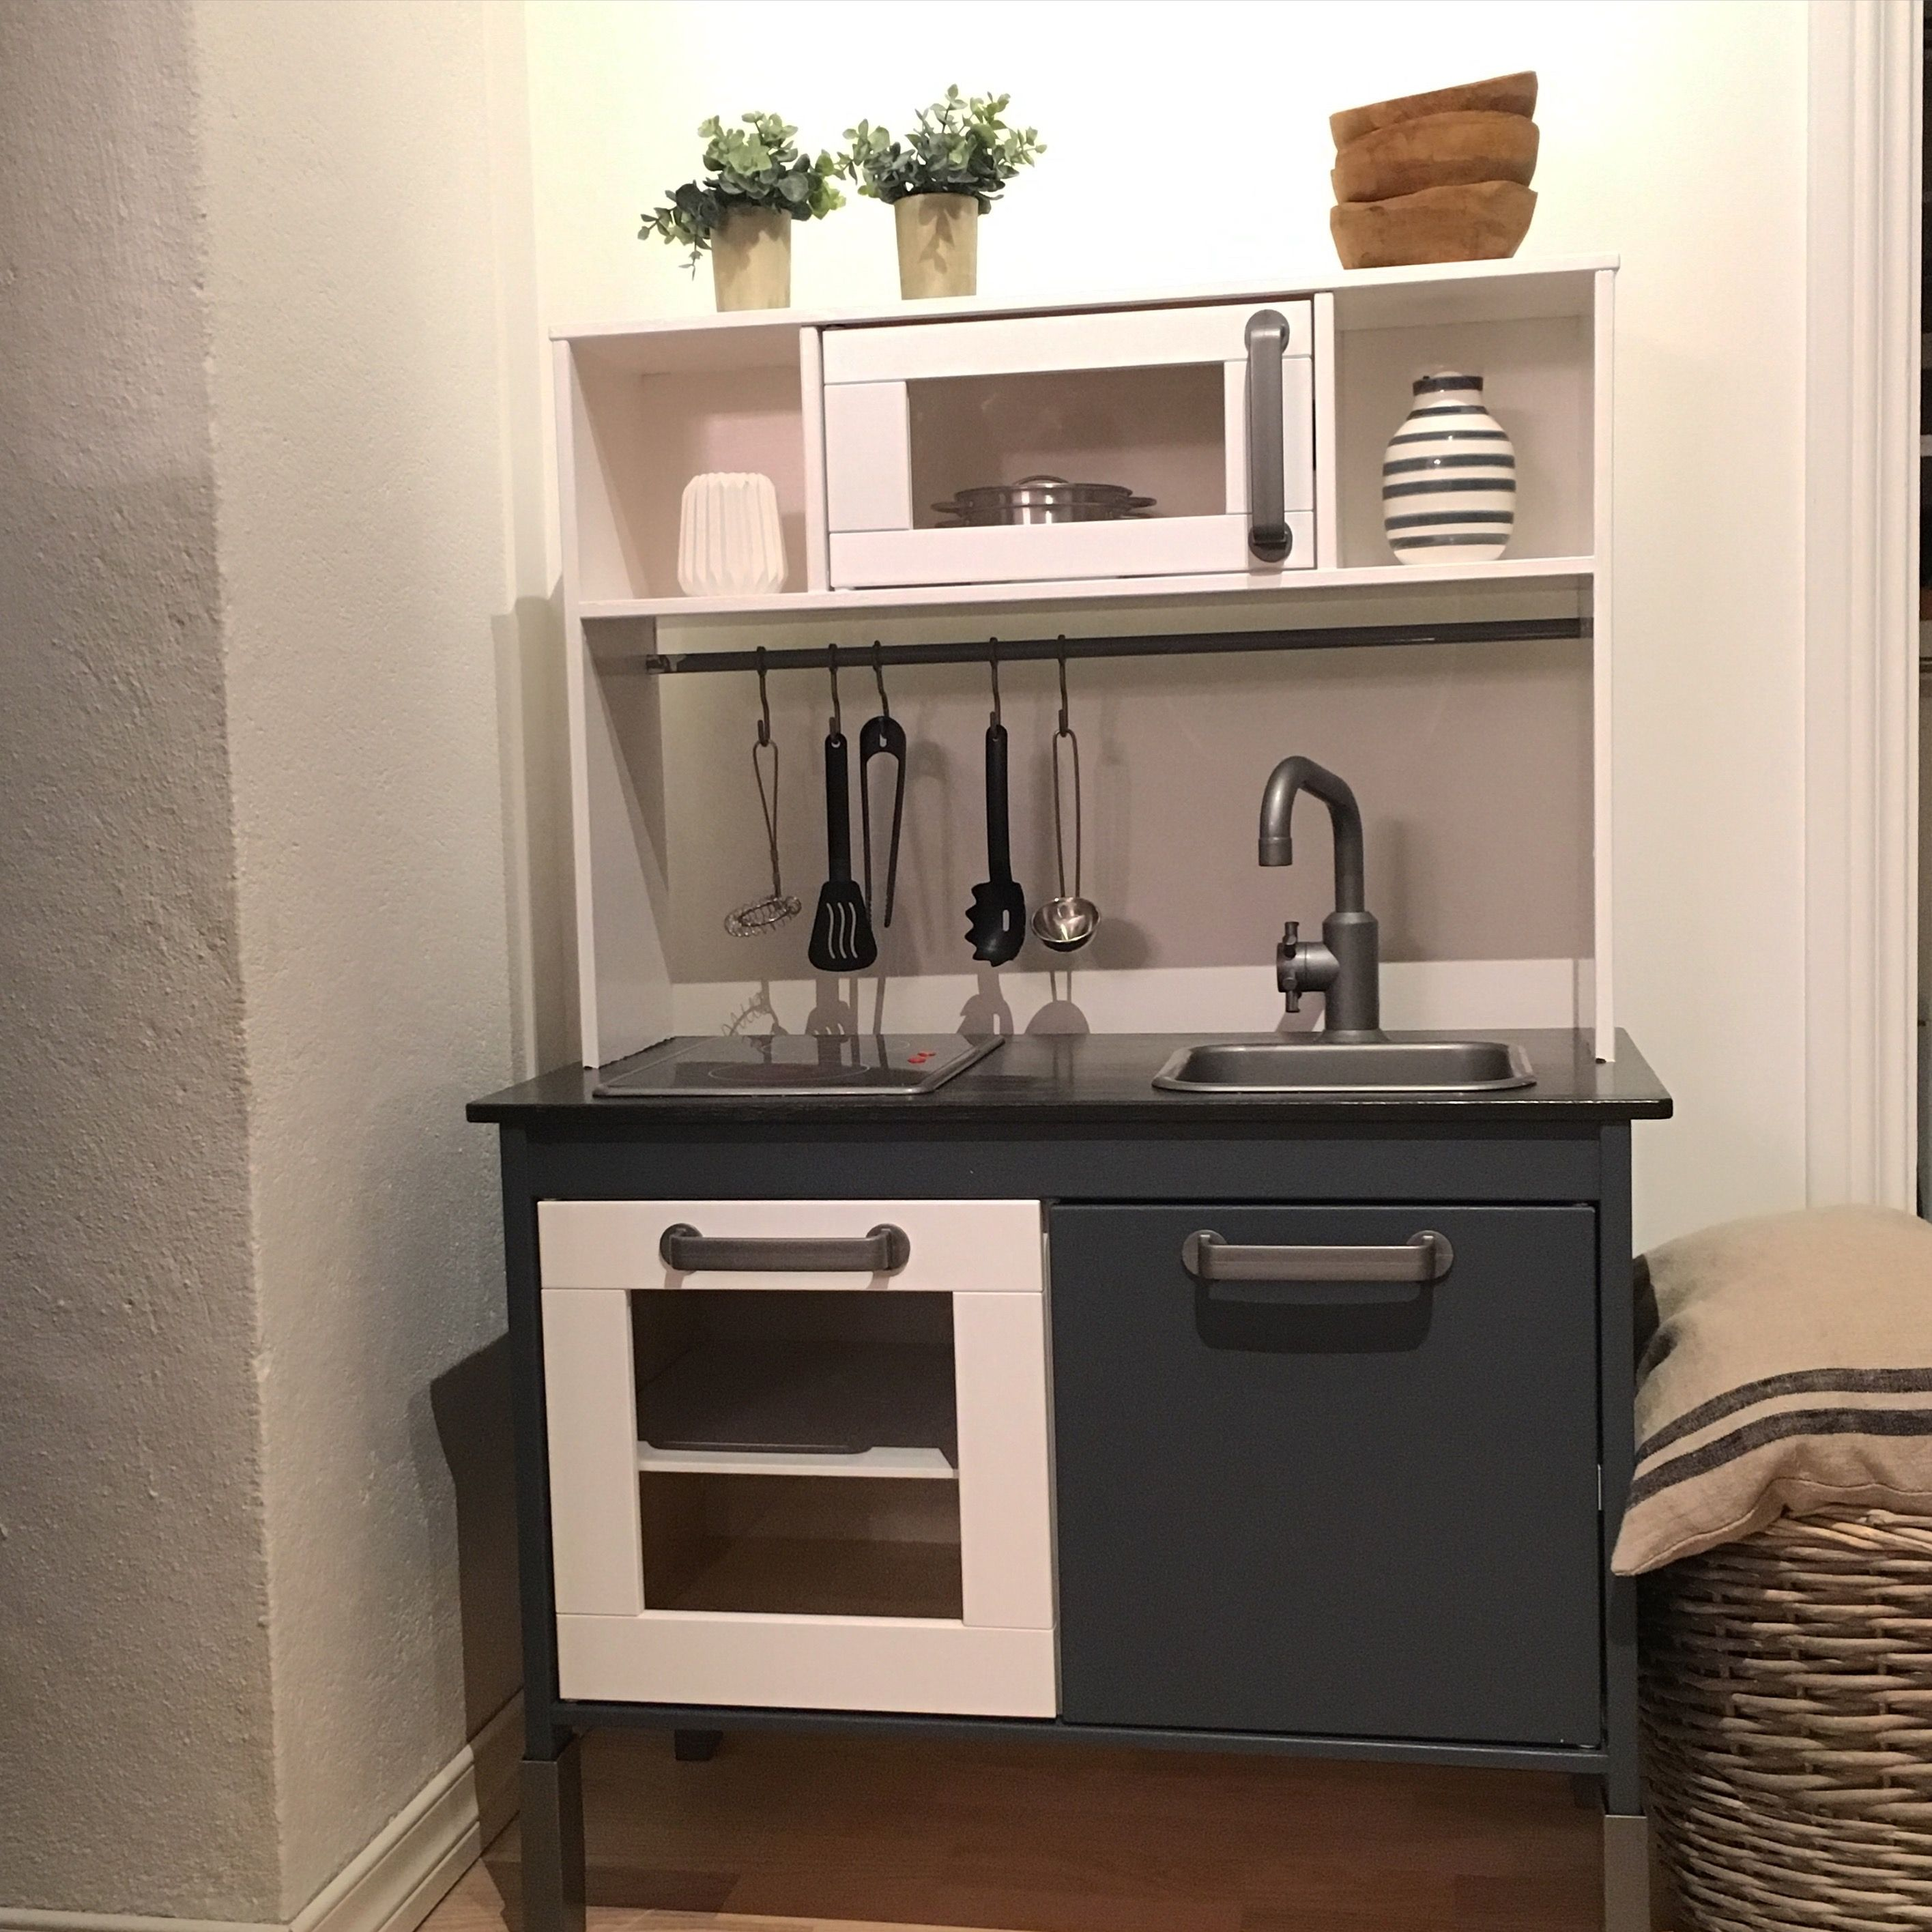 pin de raquel en cocina ikea juguete pinterest. Black Bedroom Furniture Sets. Home Design Ideas